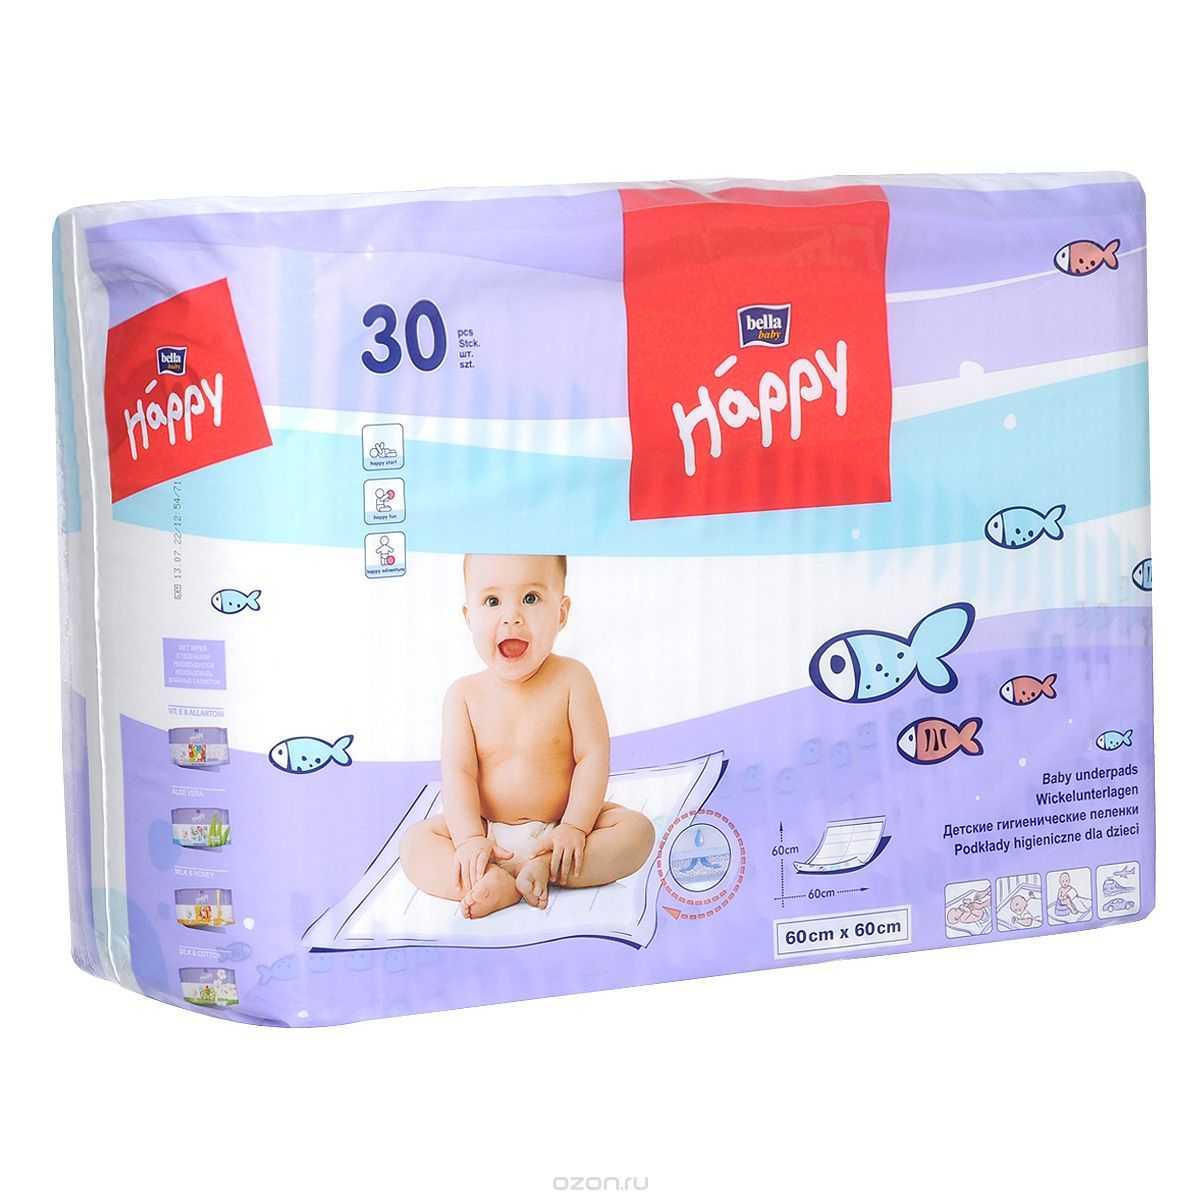 Одноразовые пеленки «каждый день»: выбираем детские впитывающие пеленки размером 60х90 и 60х40 см